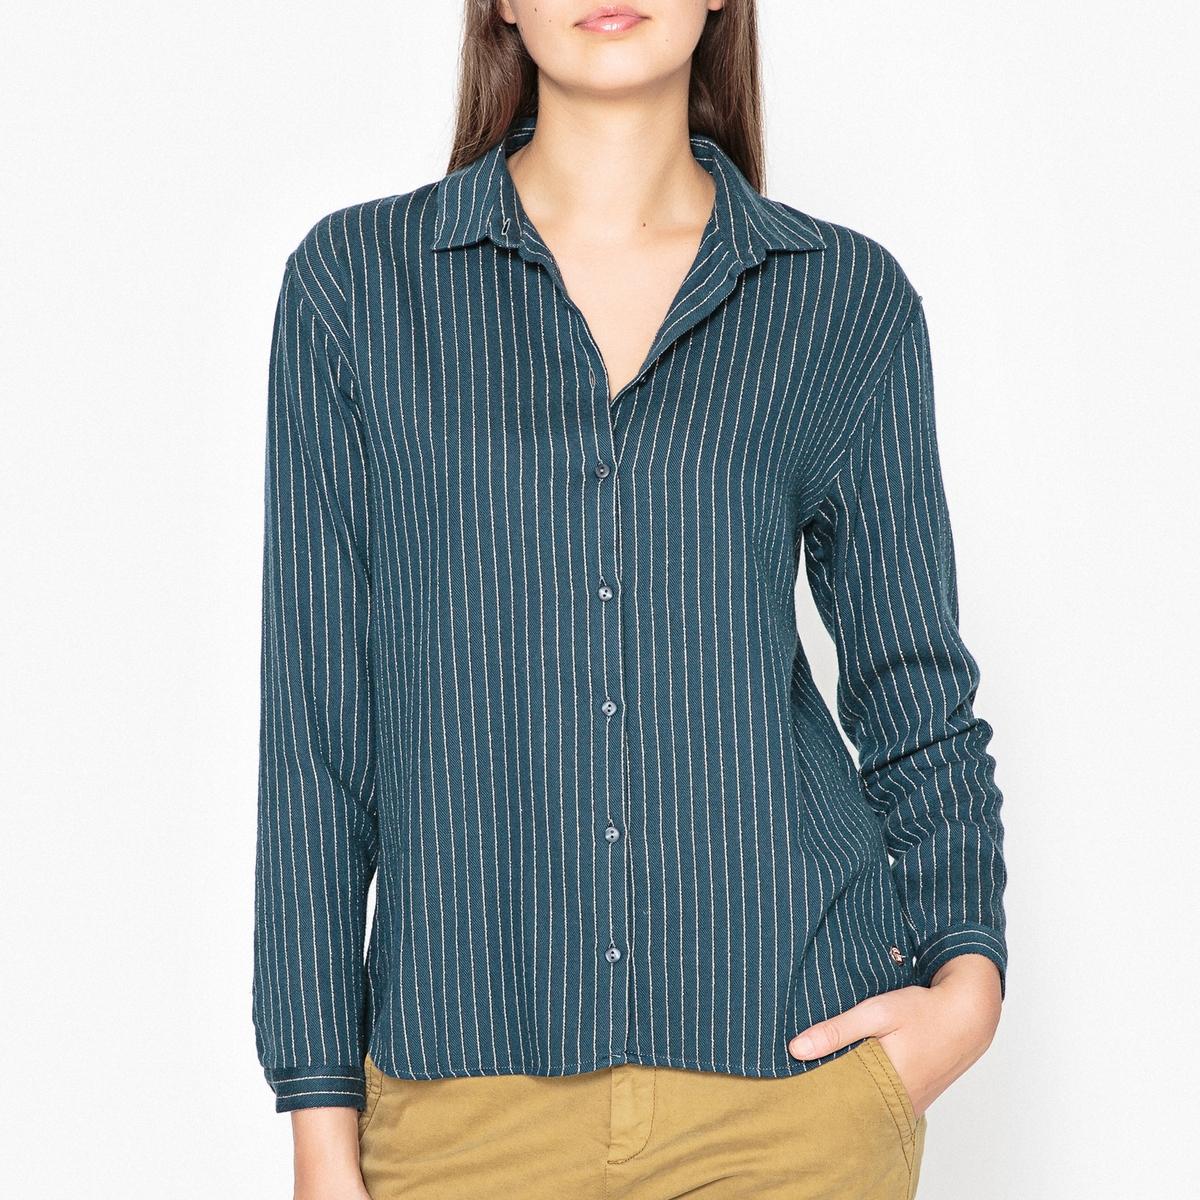 Рубашка в блестящую полоску CELESTINEРубашка HARRIS WILSON - модель CELESTINE из хлопкового деликатного твила с тонкими блестящими полосками.Описание •  Длинные рукава  •  Прямой покрой  •  Воротник-поло, рубашечный  •  Рисунок в полоску Состав и уход •  98% хлопка, 1% металлизированных волокон, 1% полиэстера •  Следуйте рекомендациям по уходу, указанным на этикетке изделия   •  Спина и воротник с горизонтальными блестящими полосками •  Складки сзади •  Низ слегка закругленный<br><br>Цвет: сине-зеленый<br>Размер: M